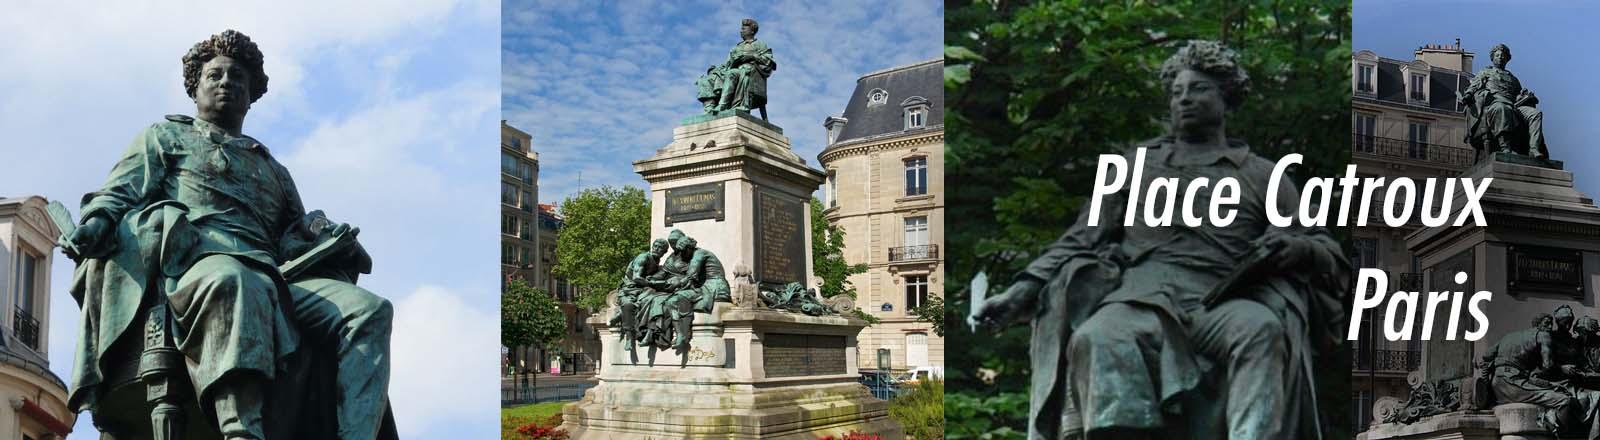 Statue d'Alexandre Dumas, place Catroux